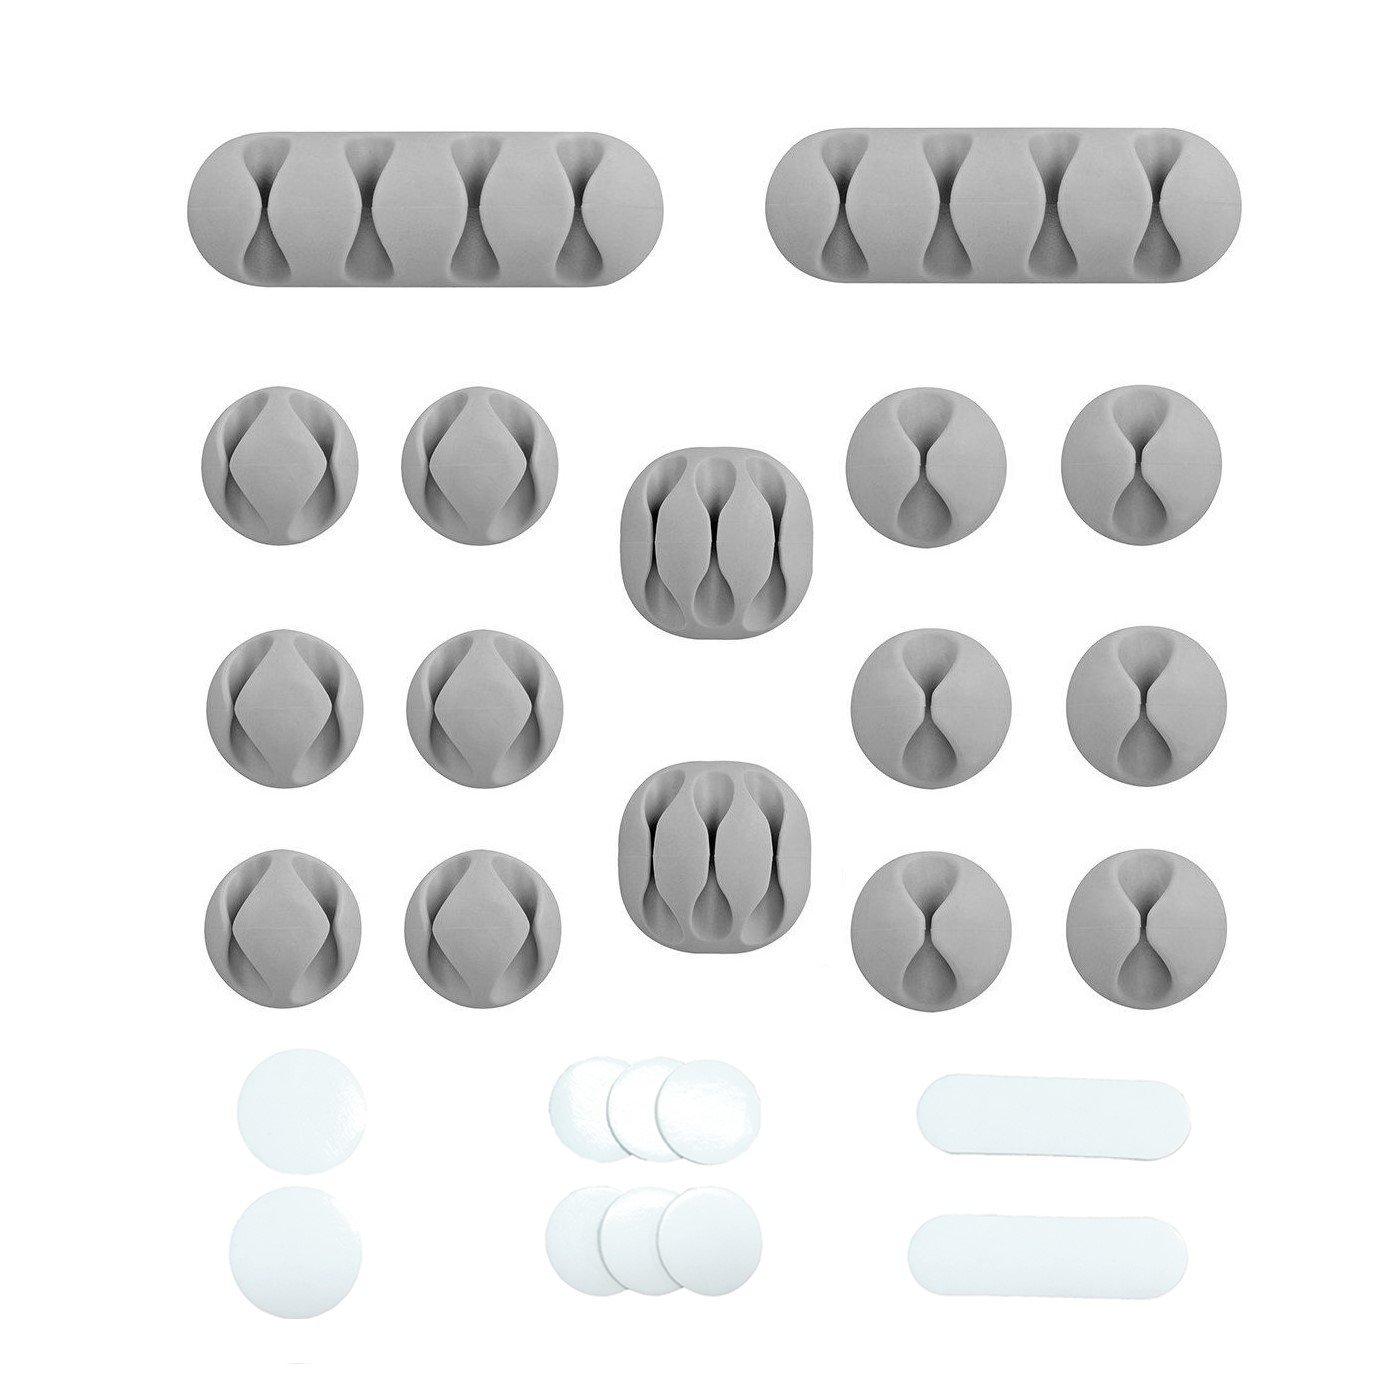 Clip di Cavi con retro adesivo acrilico 10 pezzi adesivi adesivi acrilici di ricambio 16 pezzi grigio cavo e sistema di gestione filo Fermacavo cavo privo di residui